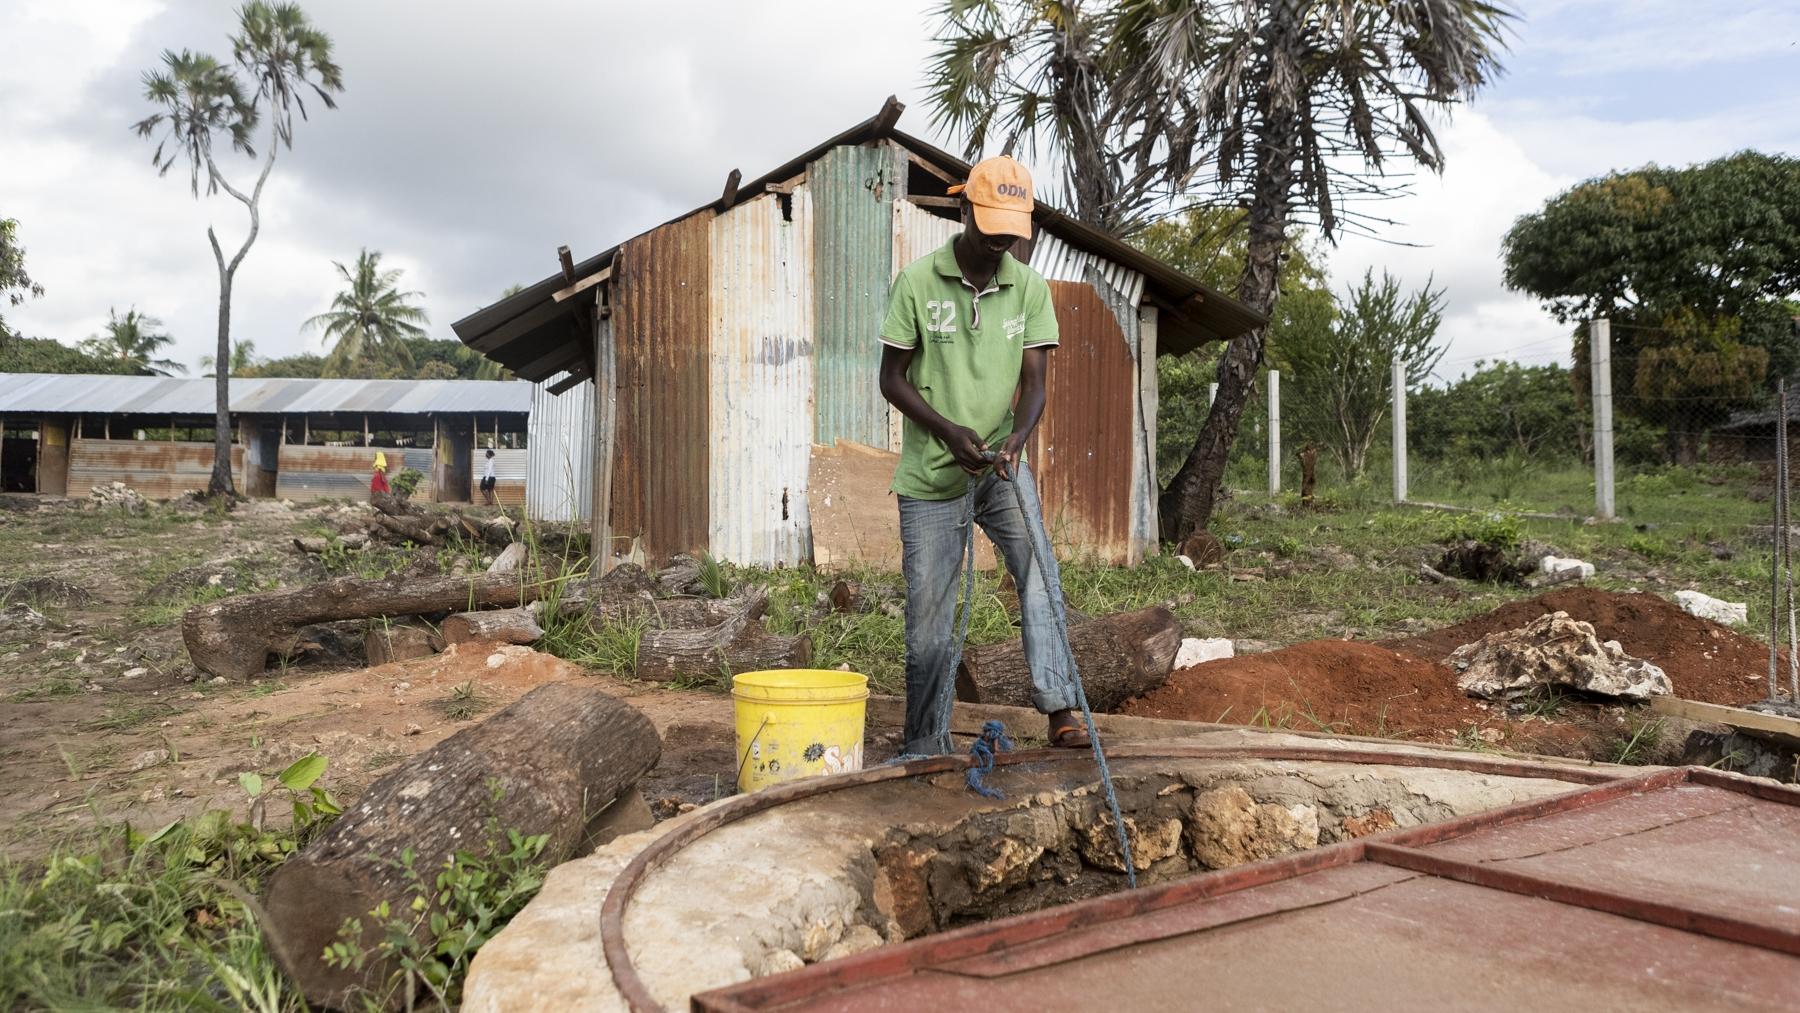 Wasserzugang - Bisher musste das gesamte Trink- und Waschwasser mühsam her geschleppt werden. Denn der nächste Brunnen war einige Gehminuten entfernt.Auf dem neuen Grundstück gibt es auf dem Schulgelände einen Brunnen. Dank einem neuen Wasserfilter können die Schüler und Lehrer unbedenkliches Trinkwasser zu sich nehmen.